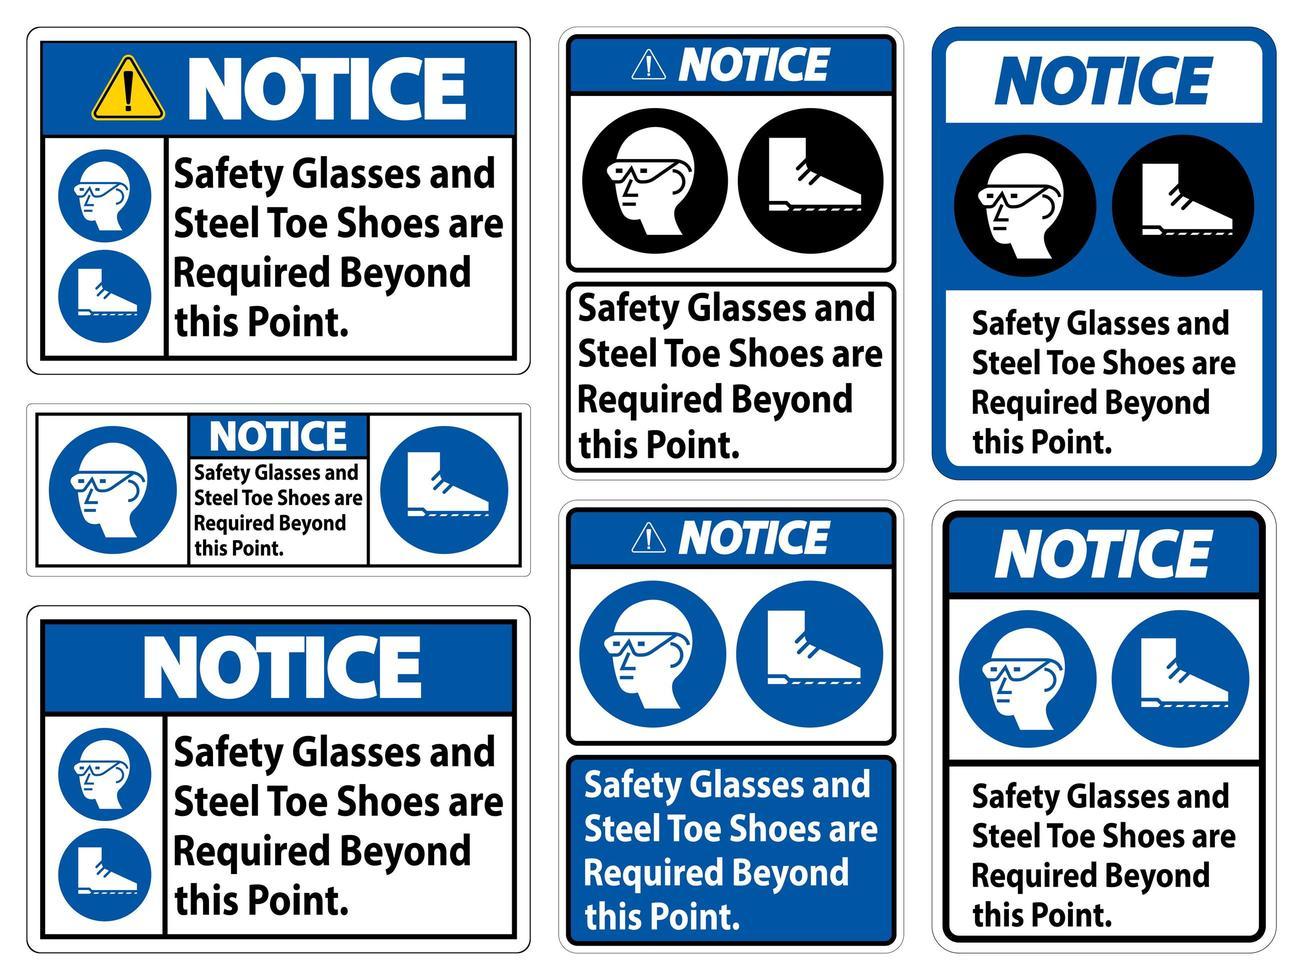 skyddsglasögon och tåskor i ståltå vektor